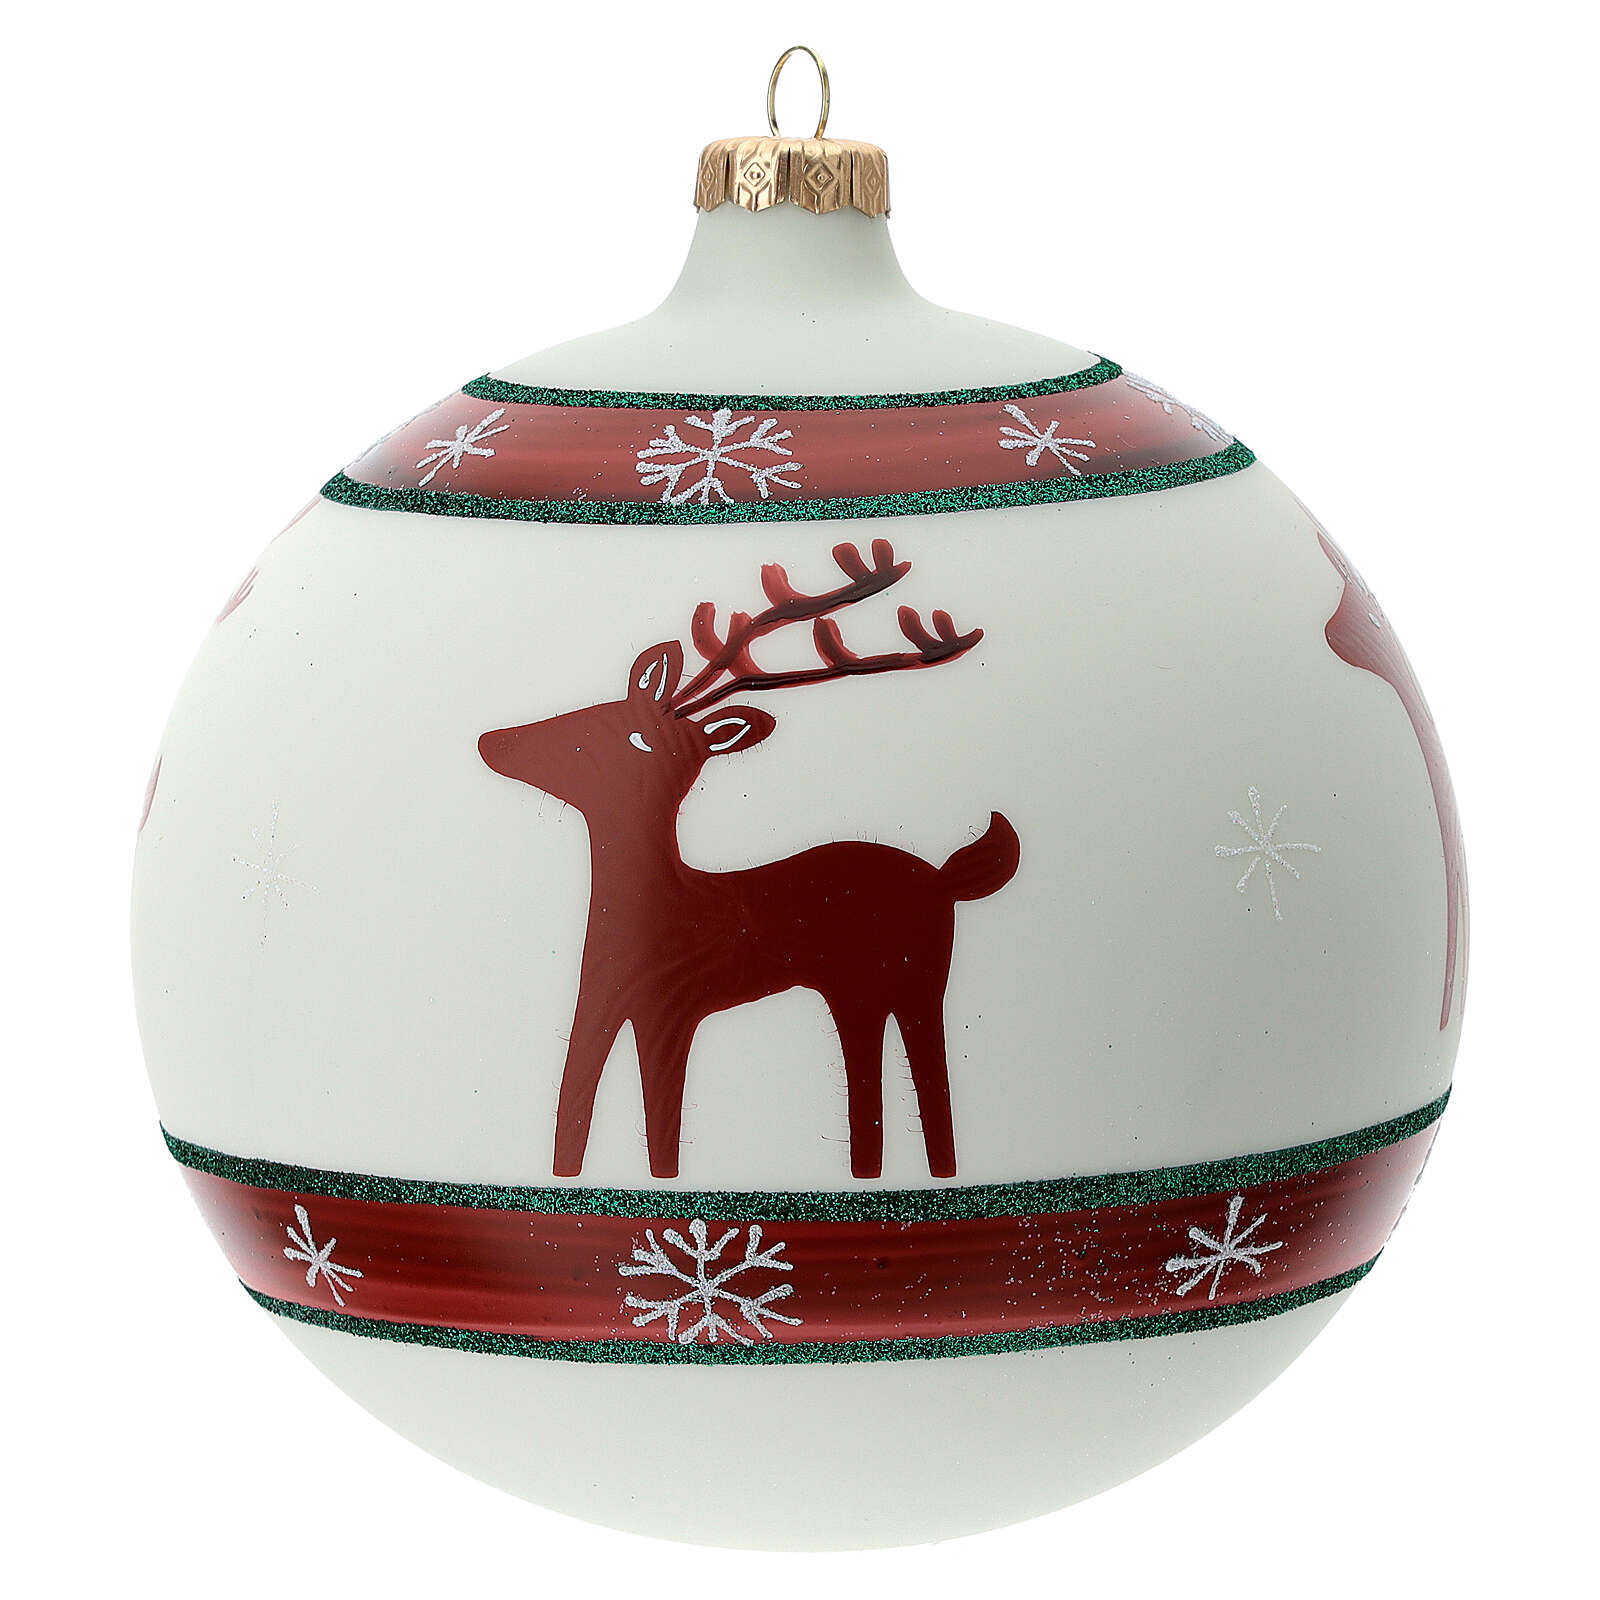 Boule sapin Noël rennes flocons neige verre soufflé 150 mm 4